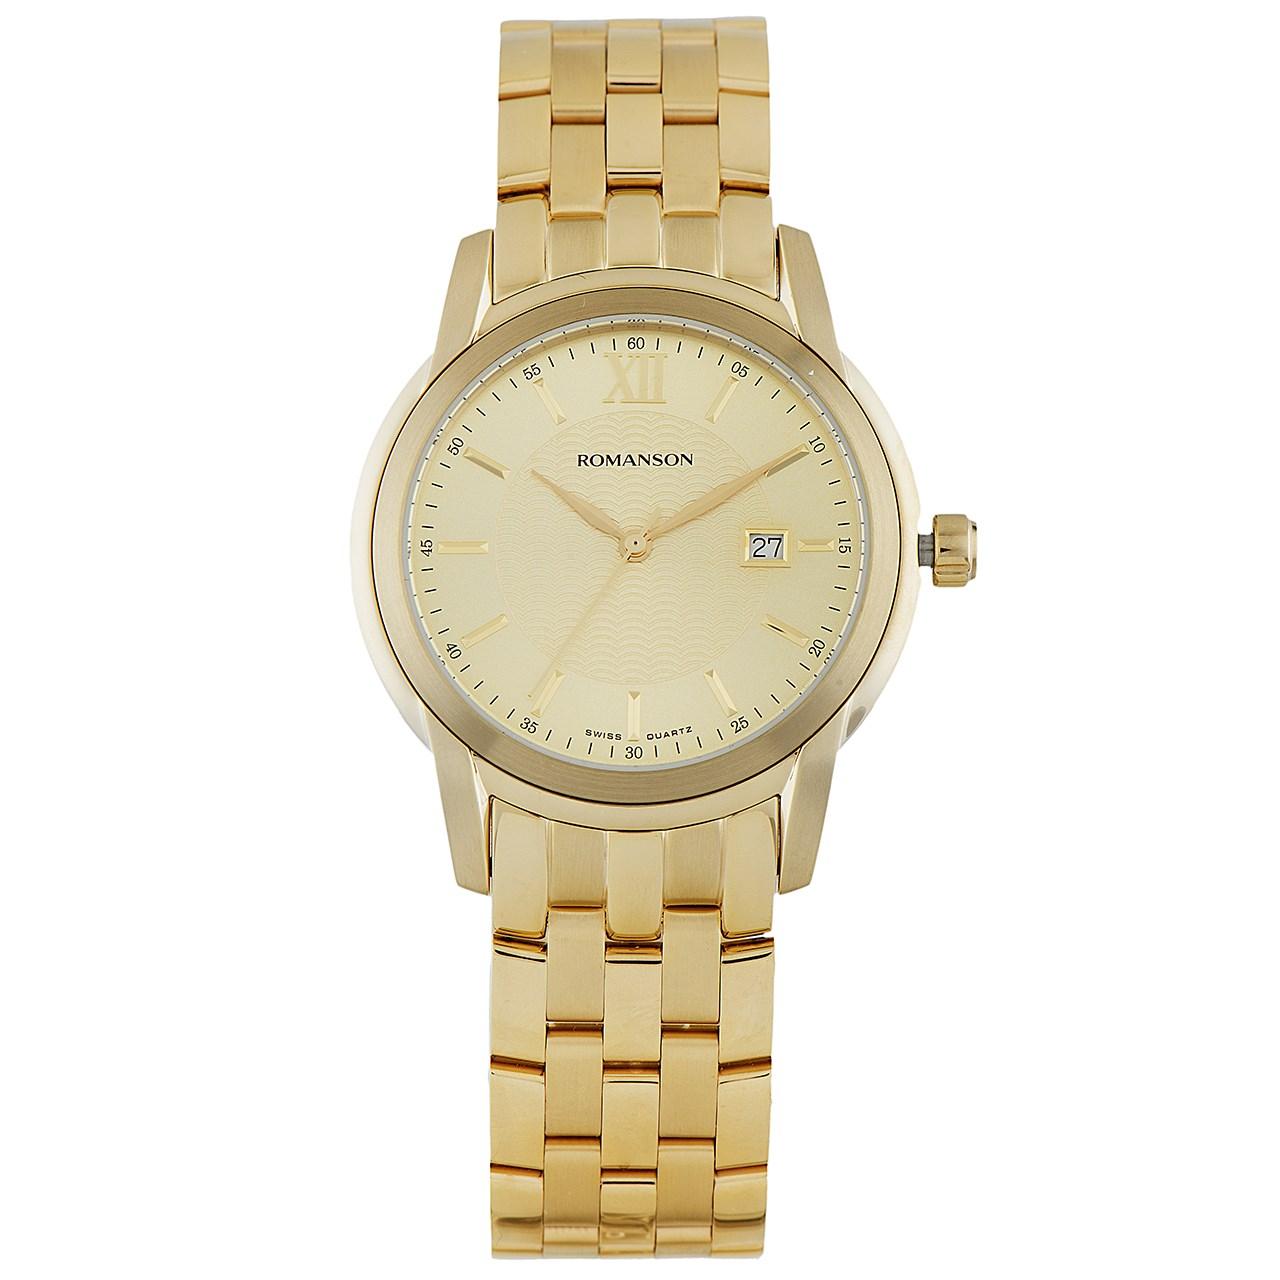 ساعت مچی عقربه ای مردانه رومانسون مدل TM2649MM1GA81G 41